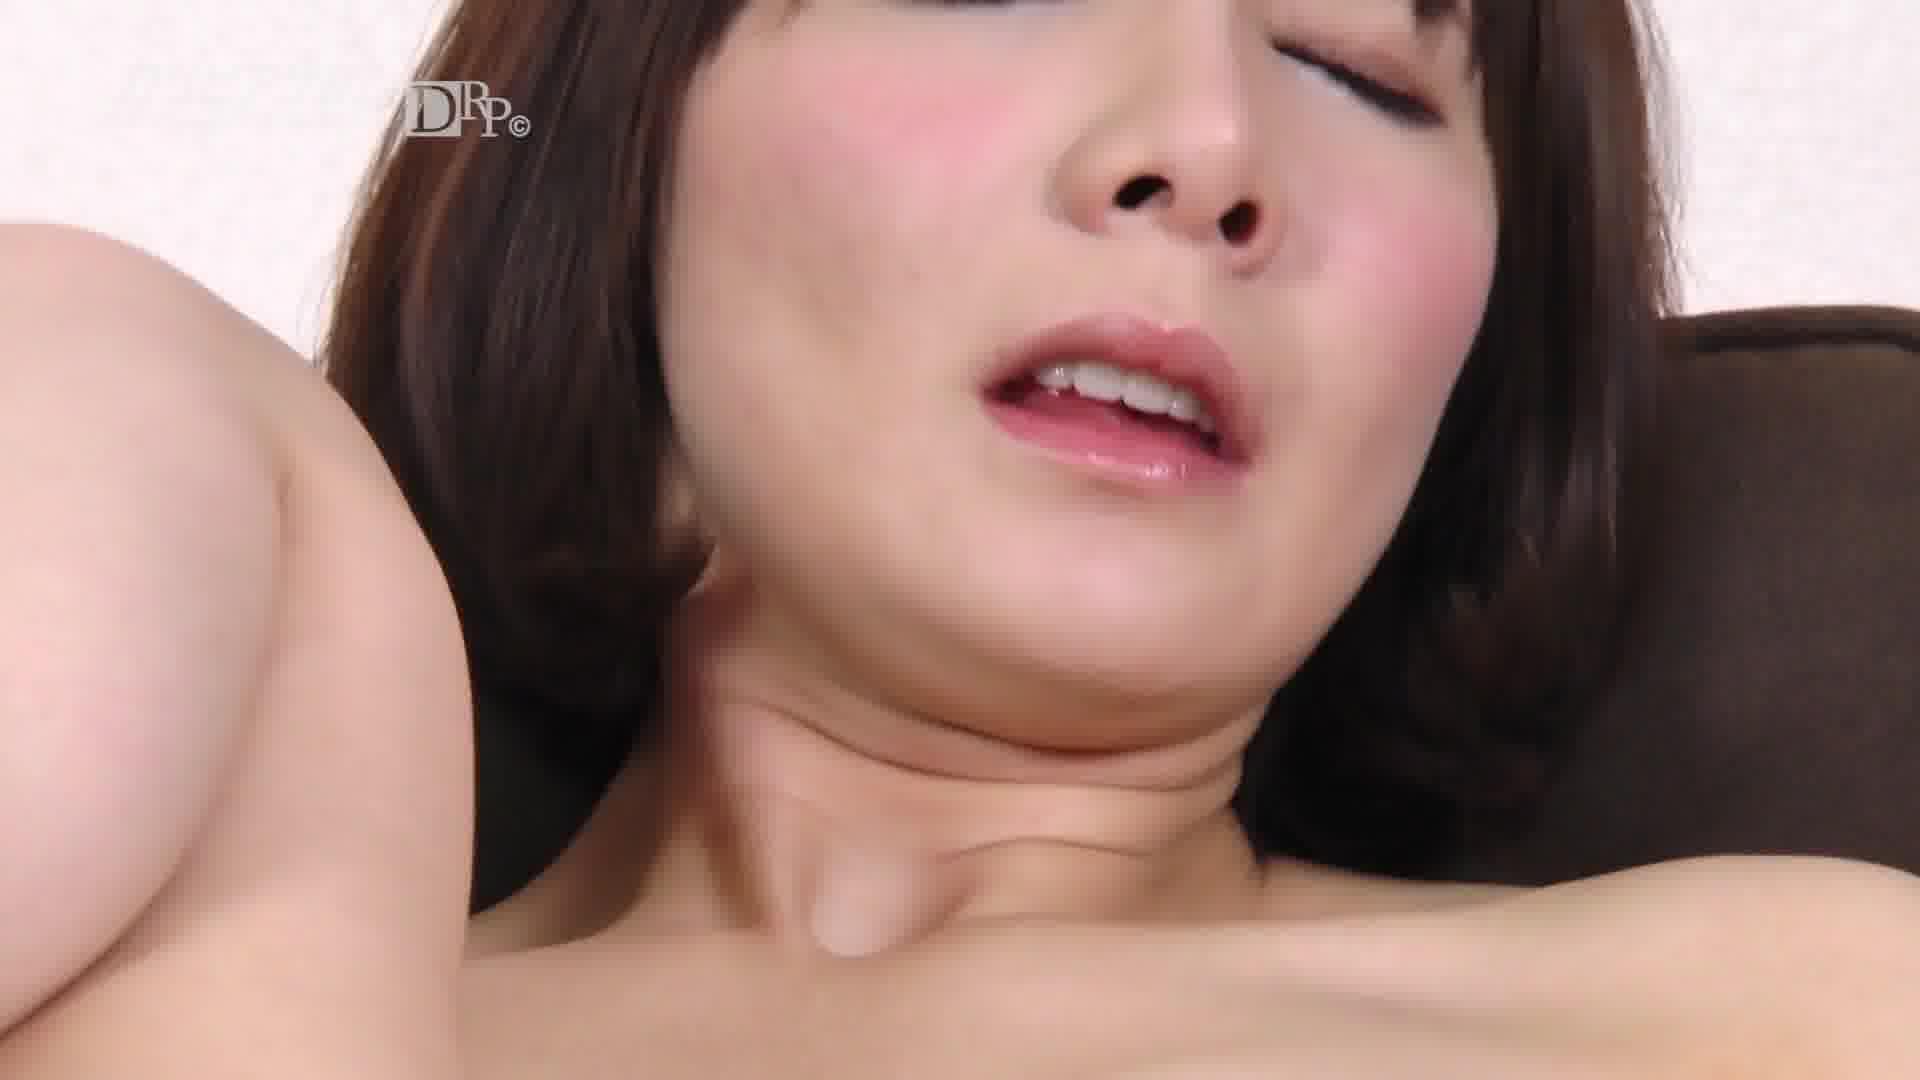 マンコ図鑑 宮崎愛莉 - 宮崎愛莉【オナニー・バイブ・クスコ】